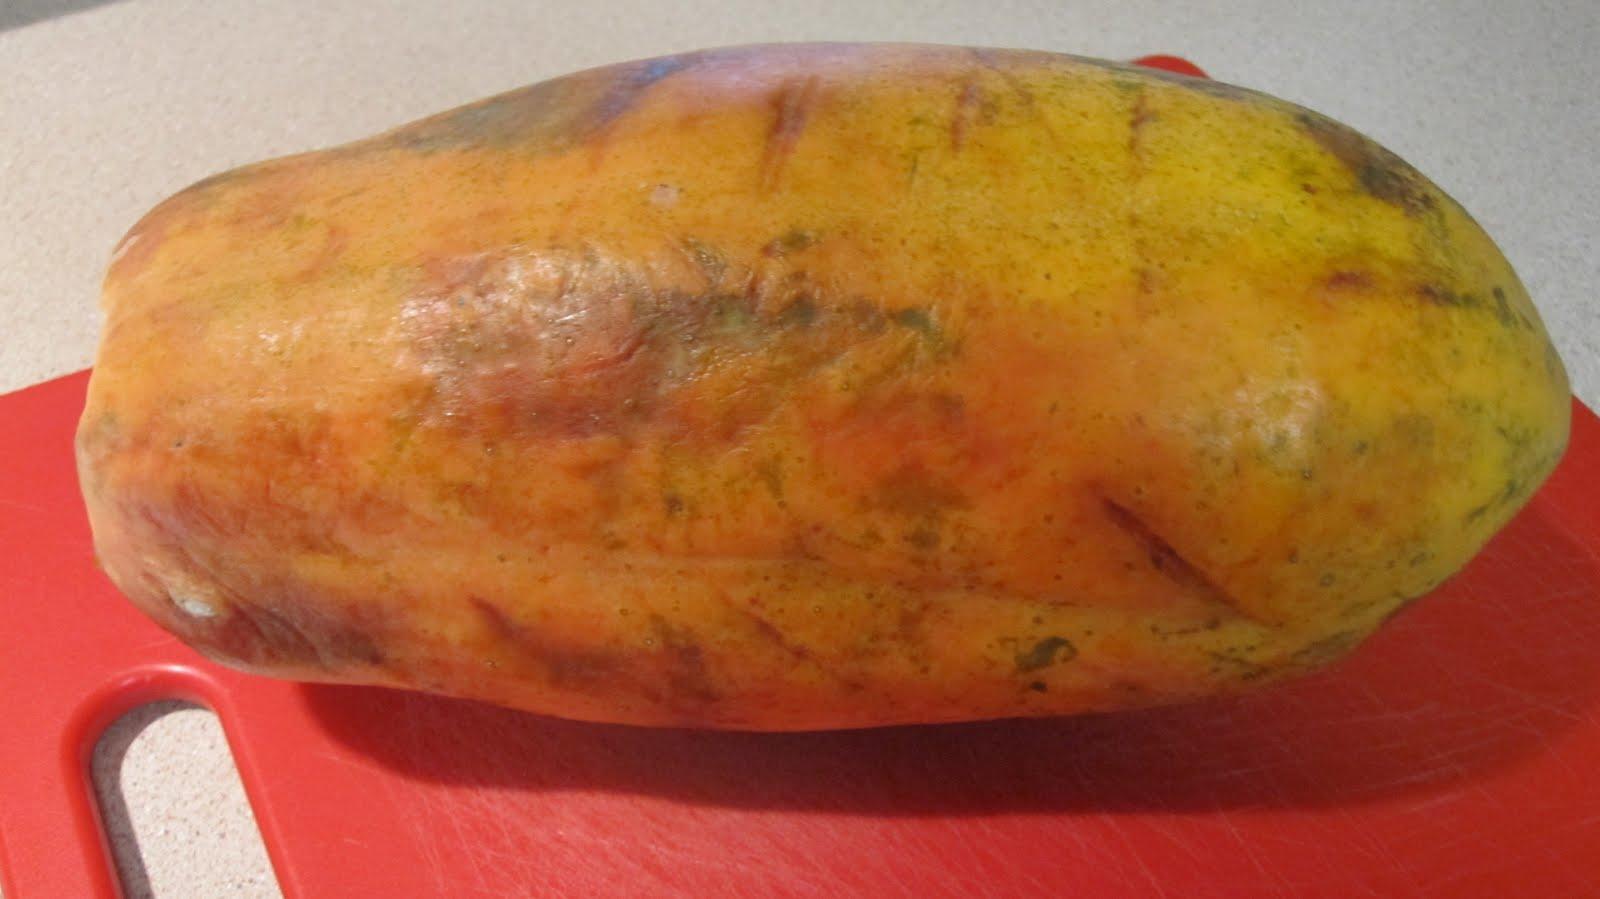 Cannundrums Maradol Papaya